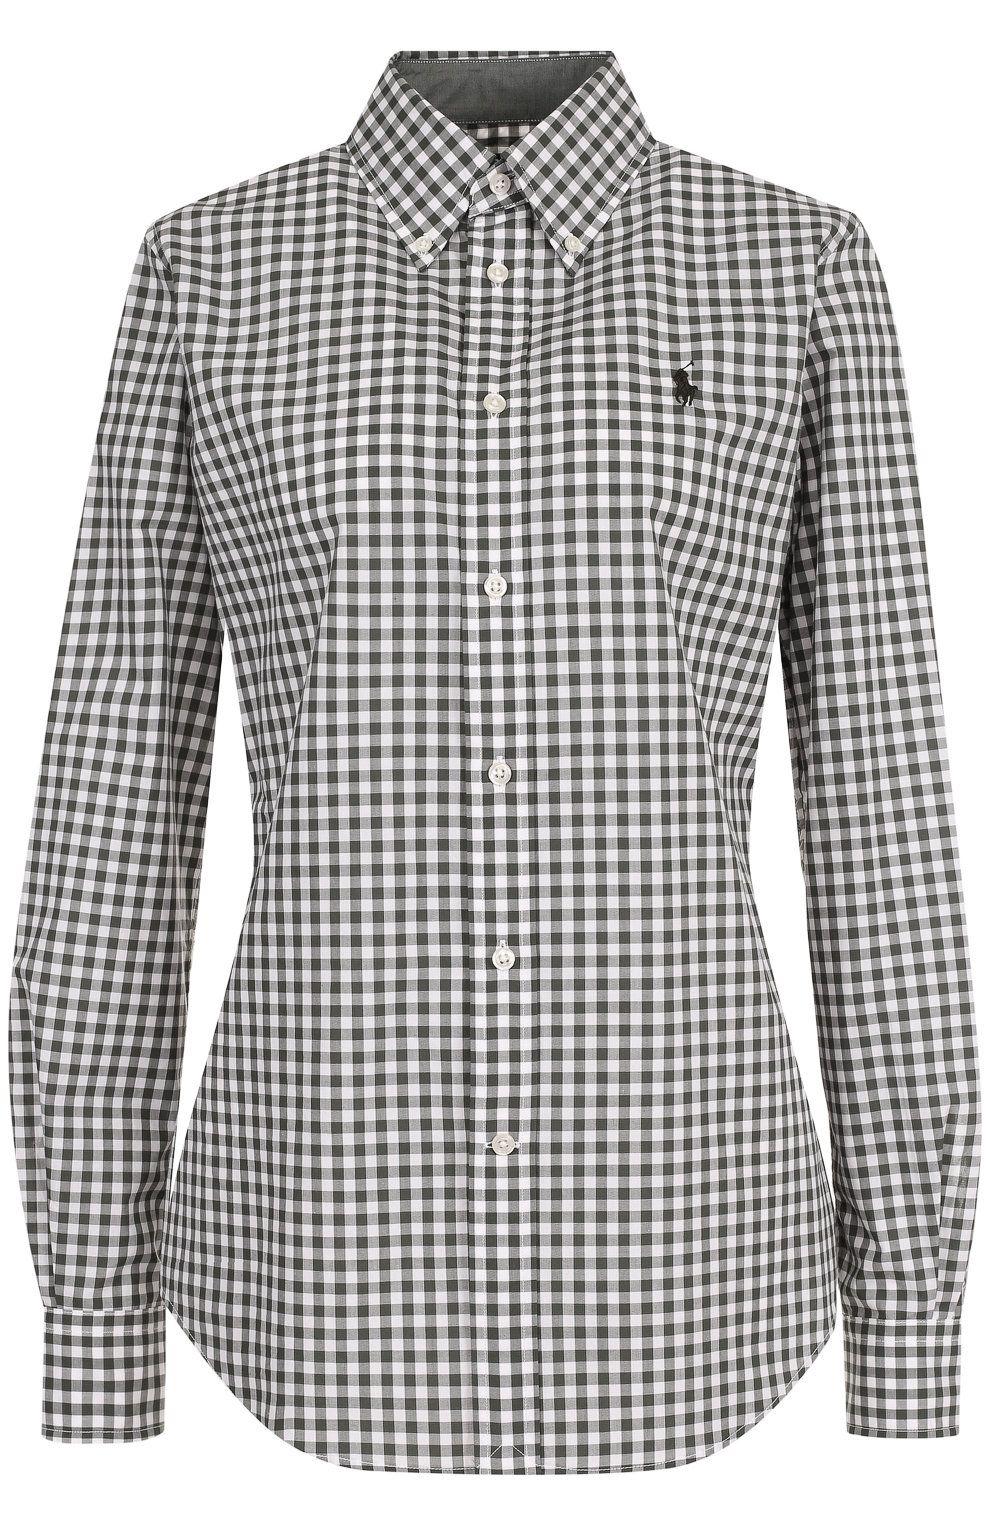 7fb63752da4 Женская хаки приталенная хлопковая блуза в клетку POLO RALPH LAUREN — купить  за 9295 руб.